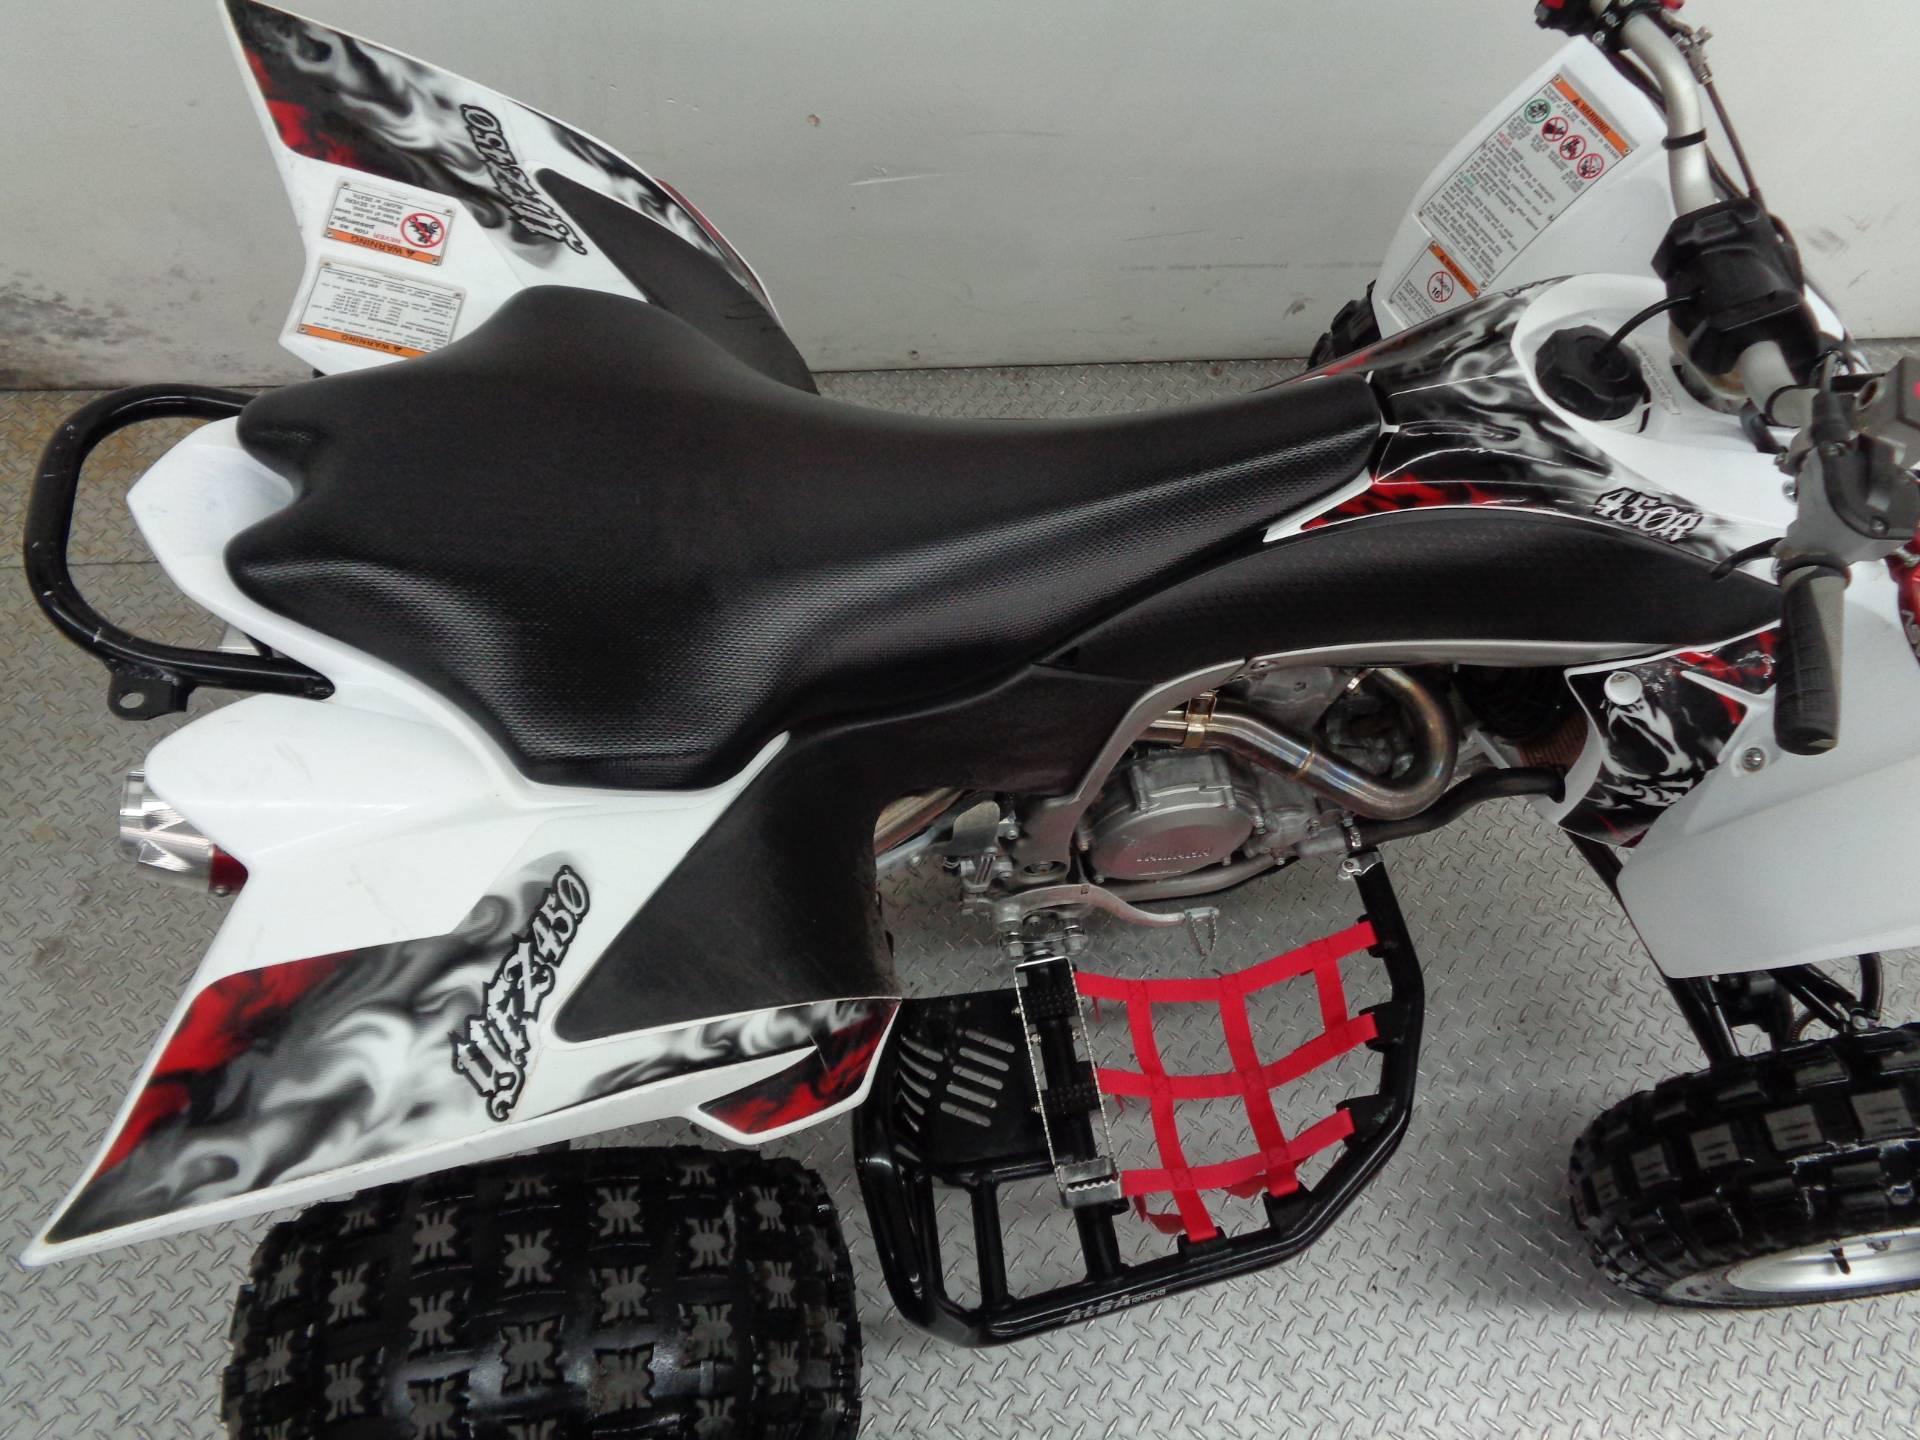 2012 Yamaha YFZ450R 6